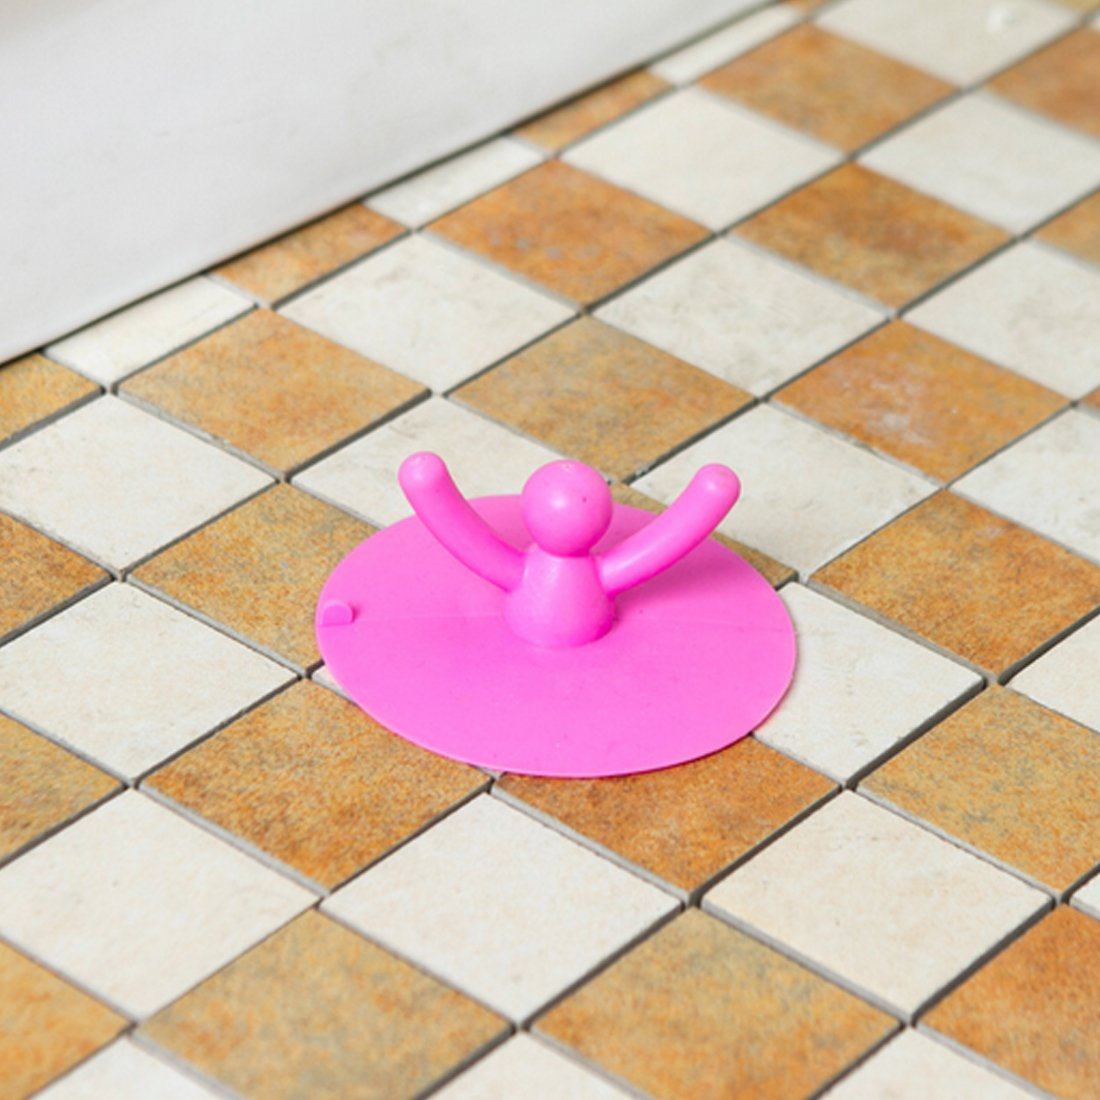 joyliveCY Silikon Bodenablauf Haar Stopper Hand Waschbecken St/öpsel Bad Catcher 10cm